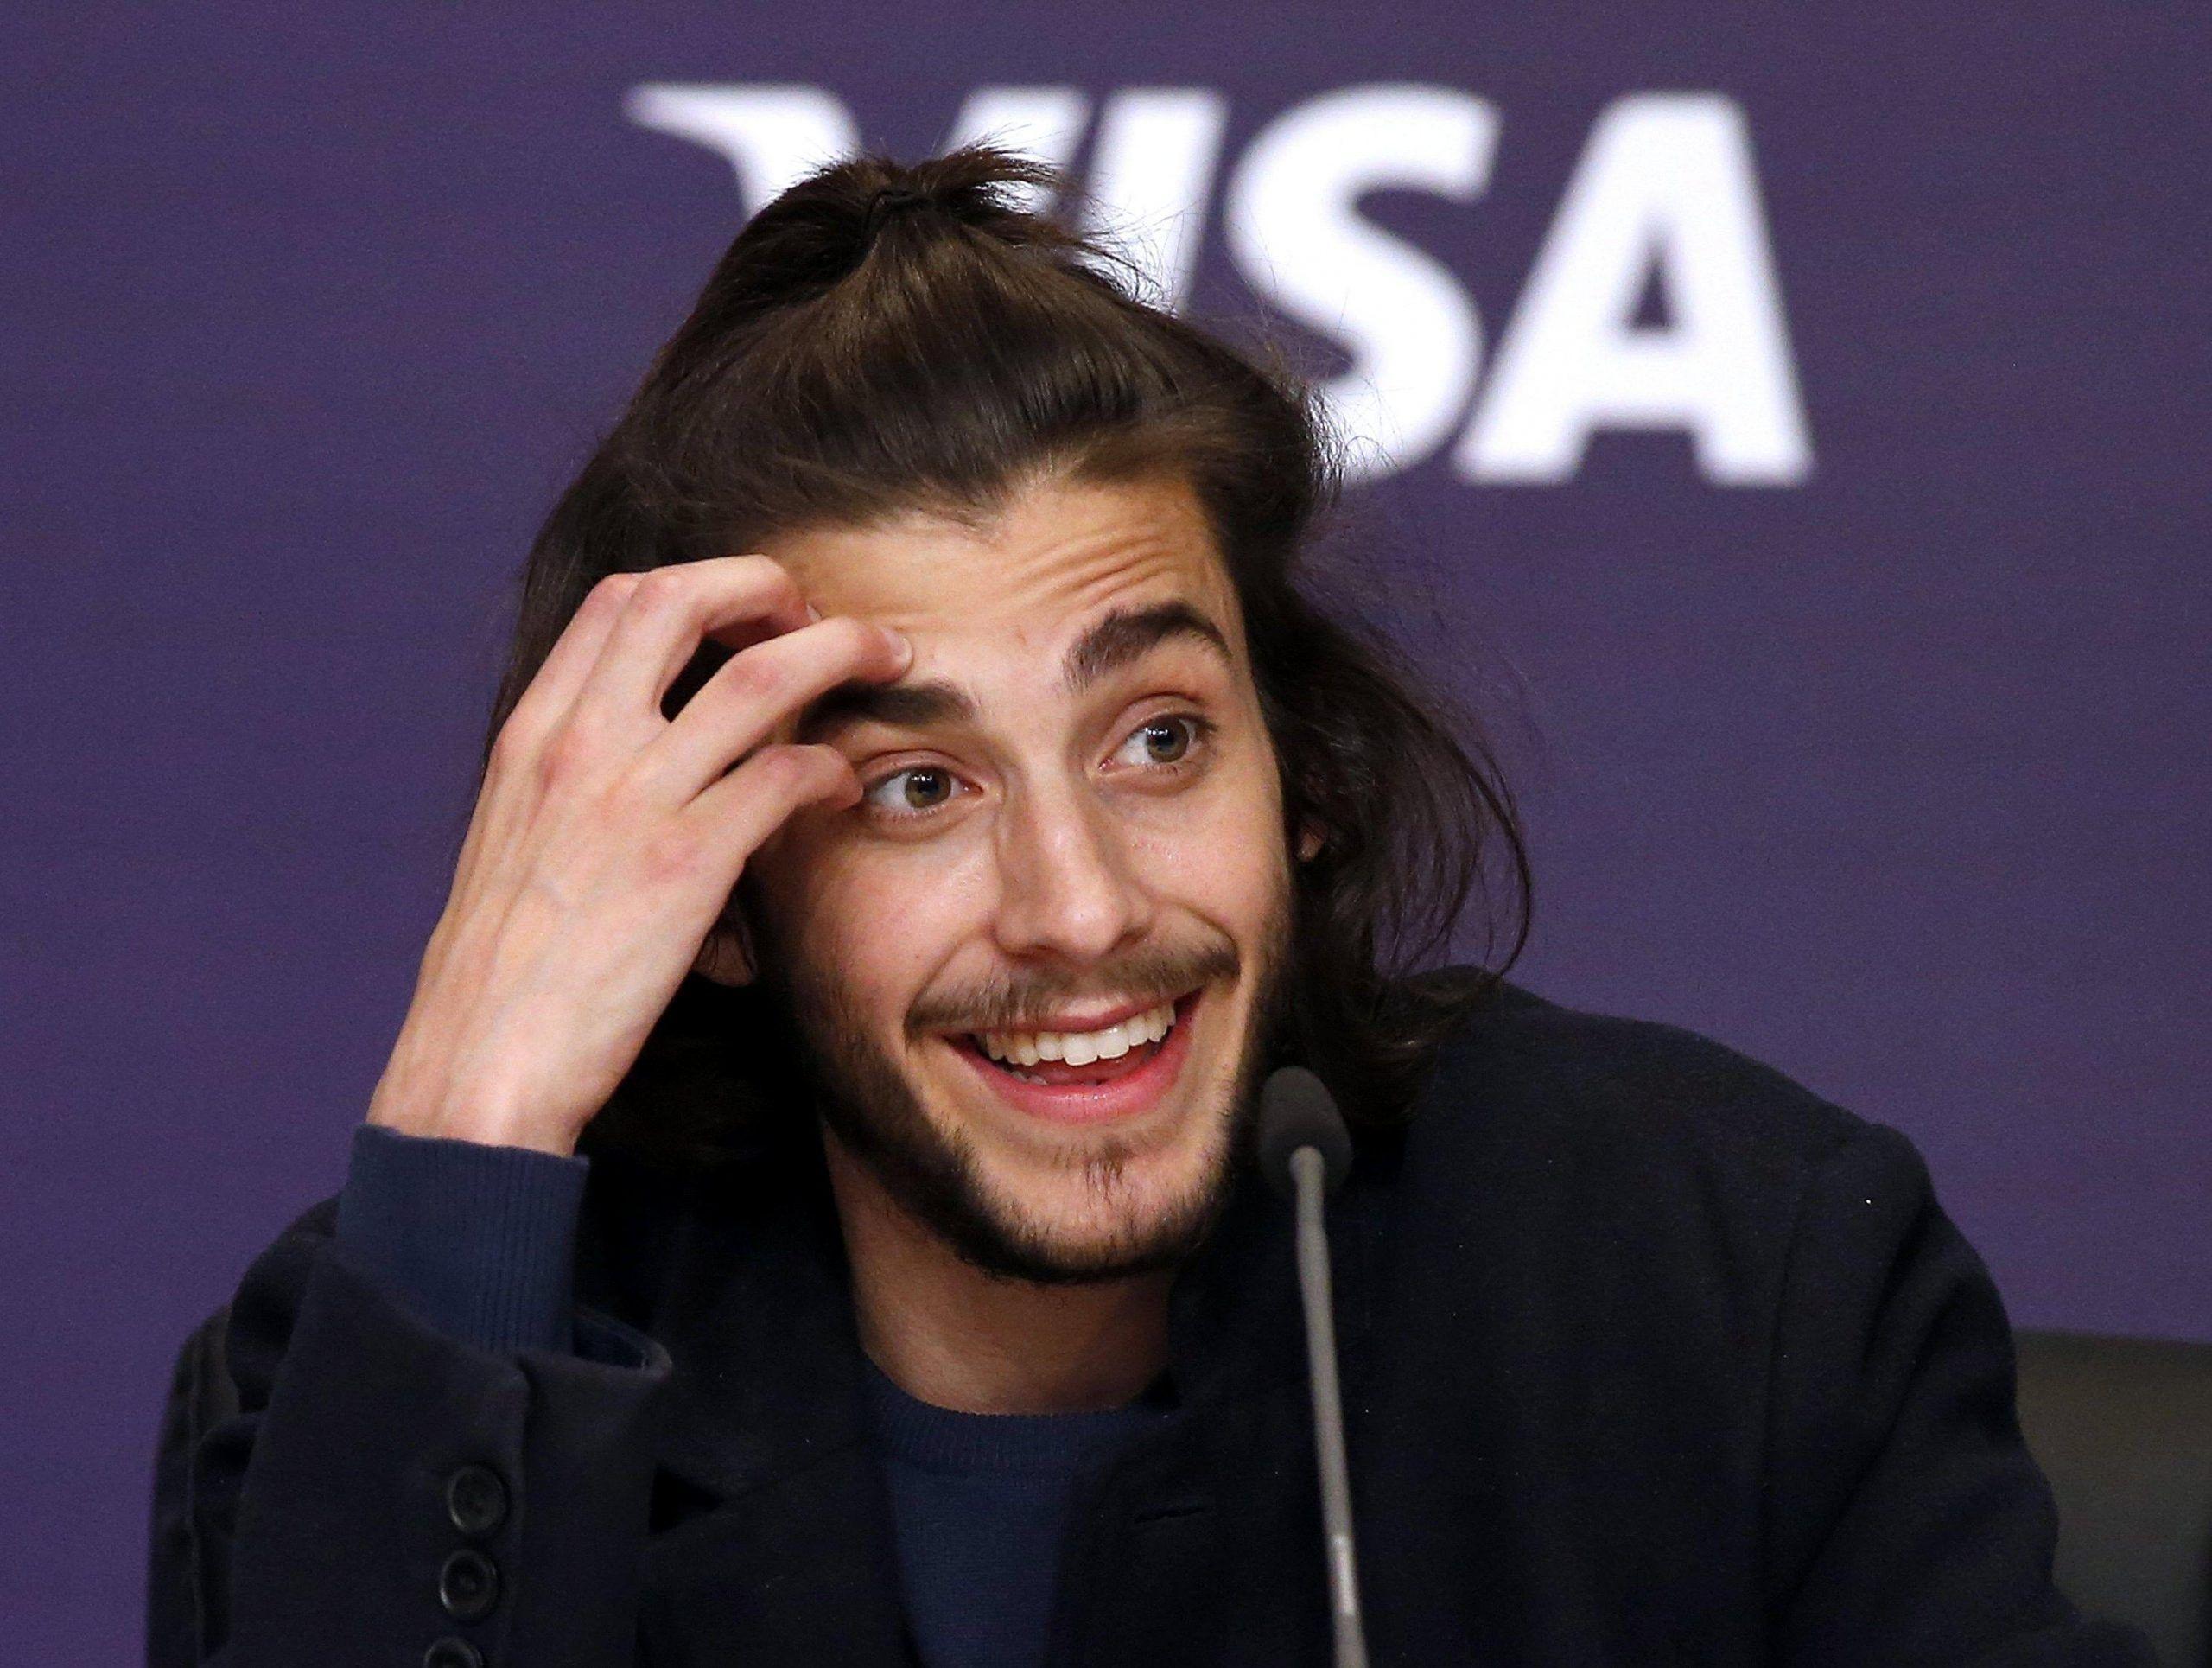 Salvador Sobral, trapianto di cuore riuscito: il vincitore dell'Eurovision 2017 sta bene